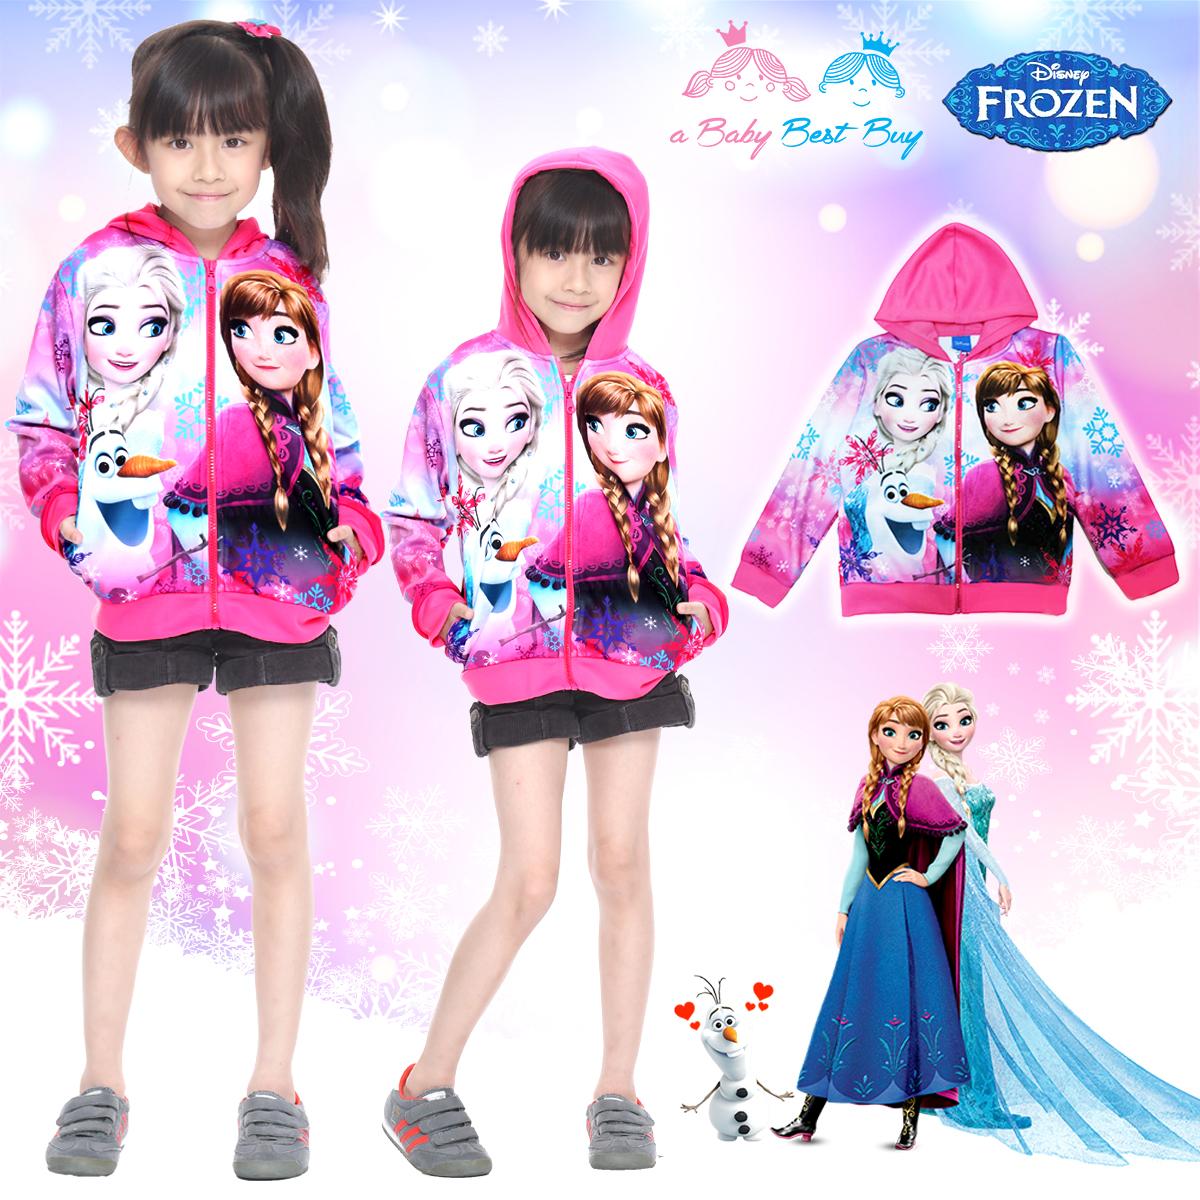 """"""" ( Jacket Disney Frozen for Girl เสื้อแจ็คเก็ต เสื้อกันหนาว เด็กผู้หญิง สีชมพู รูดซิป มีหมวก(ฮู้ด)ใส่คลุมกันหนาว กันแดด ใส่สบาย ดิสนีย์แท้ ลิขสิทธิ์แท้"""